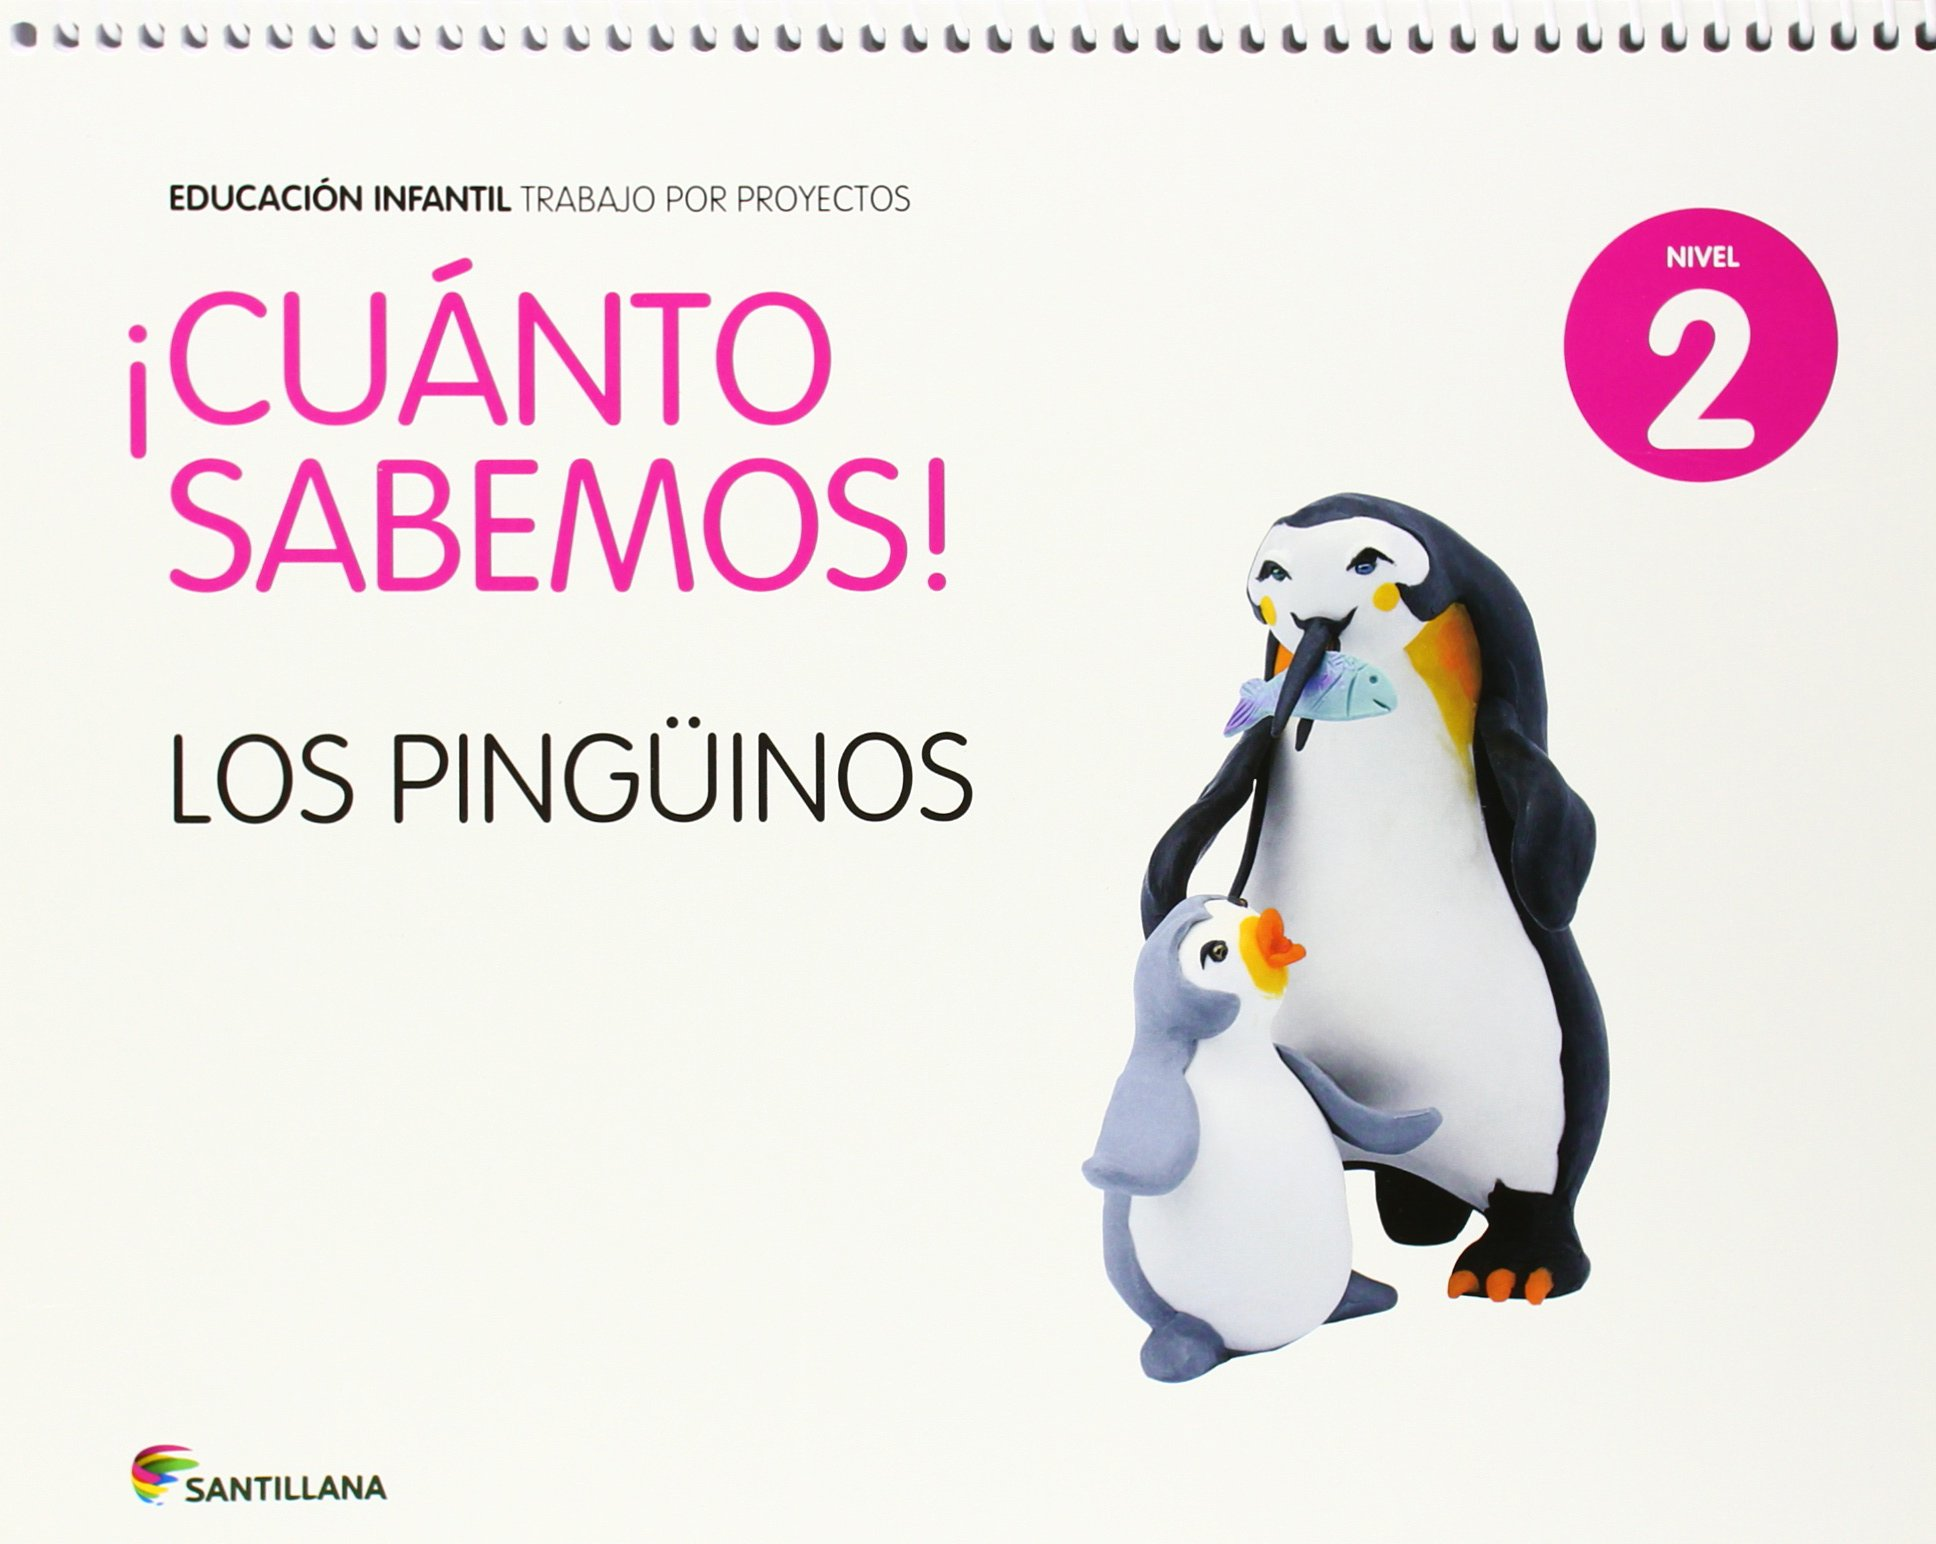 CUANTO SABEMOS NIVEL 2 LOS PINGÜINOS - 9788468018423: Amazon.es: Aa.Vv.: Libros